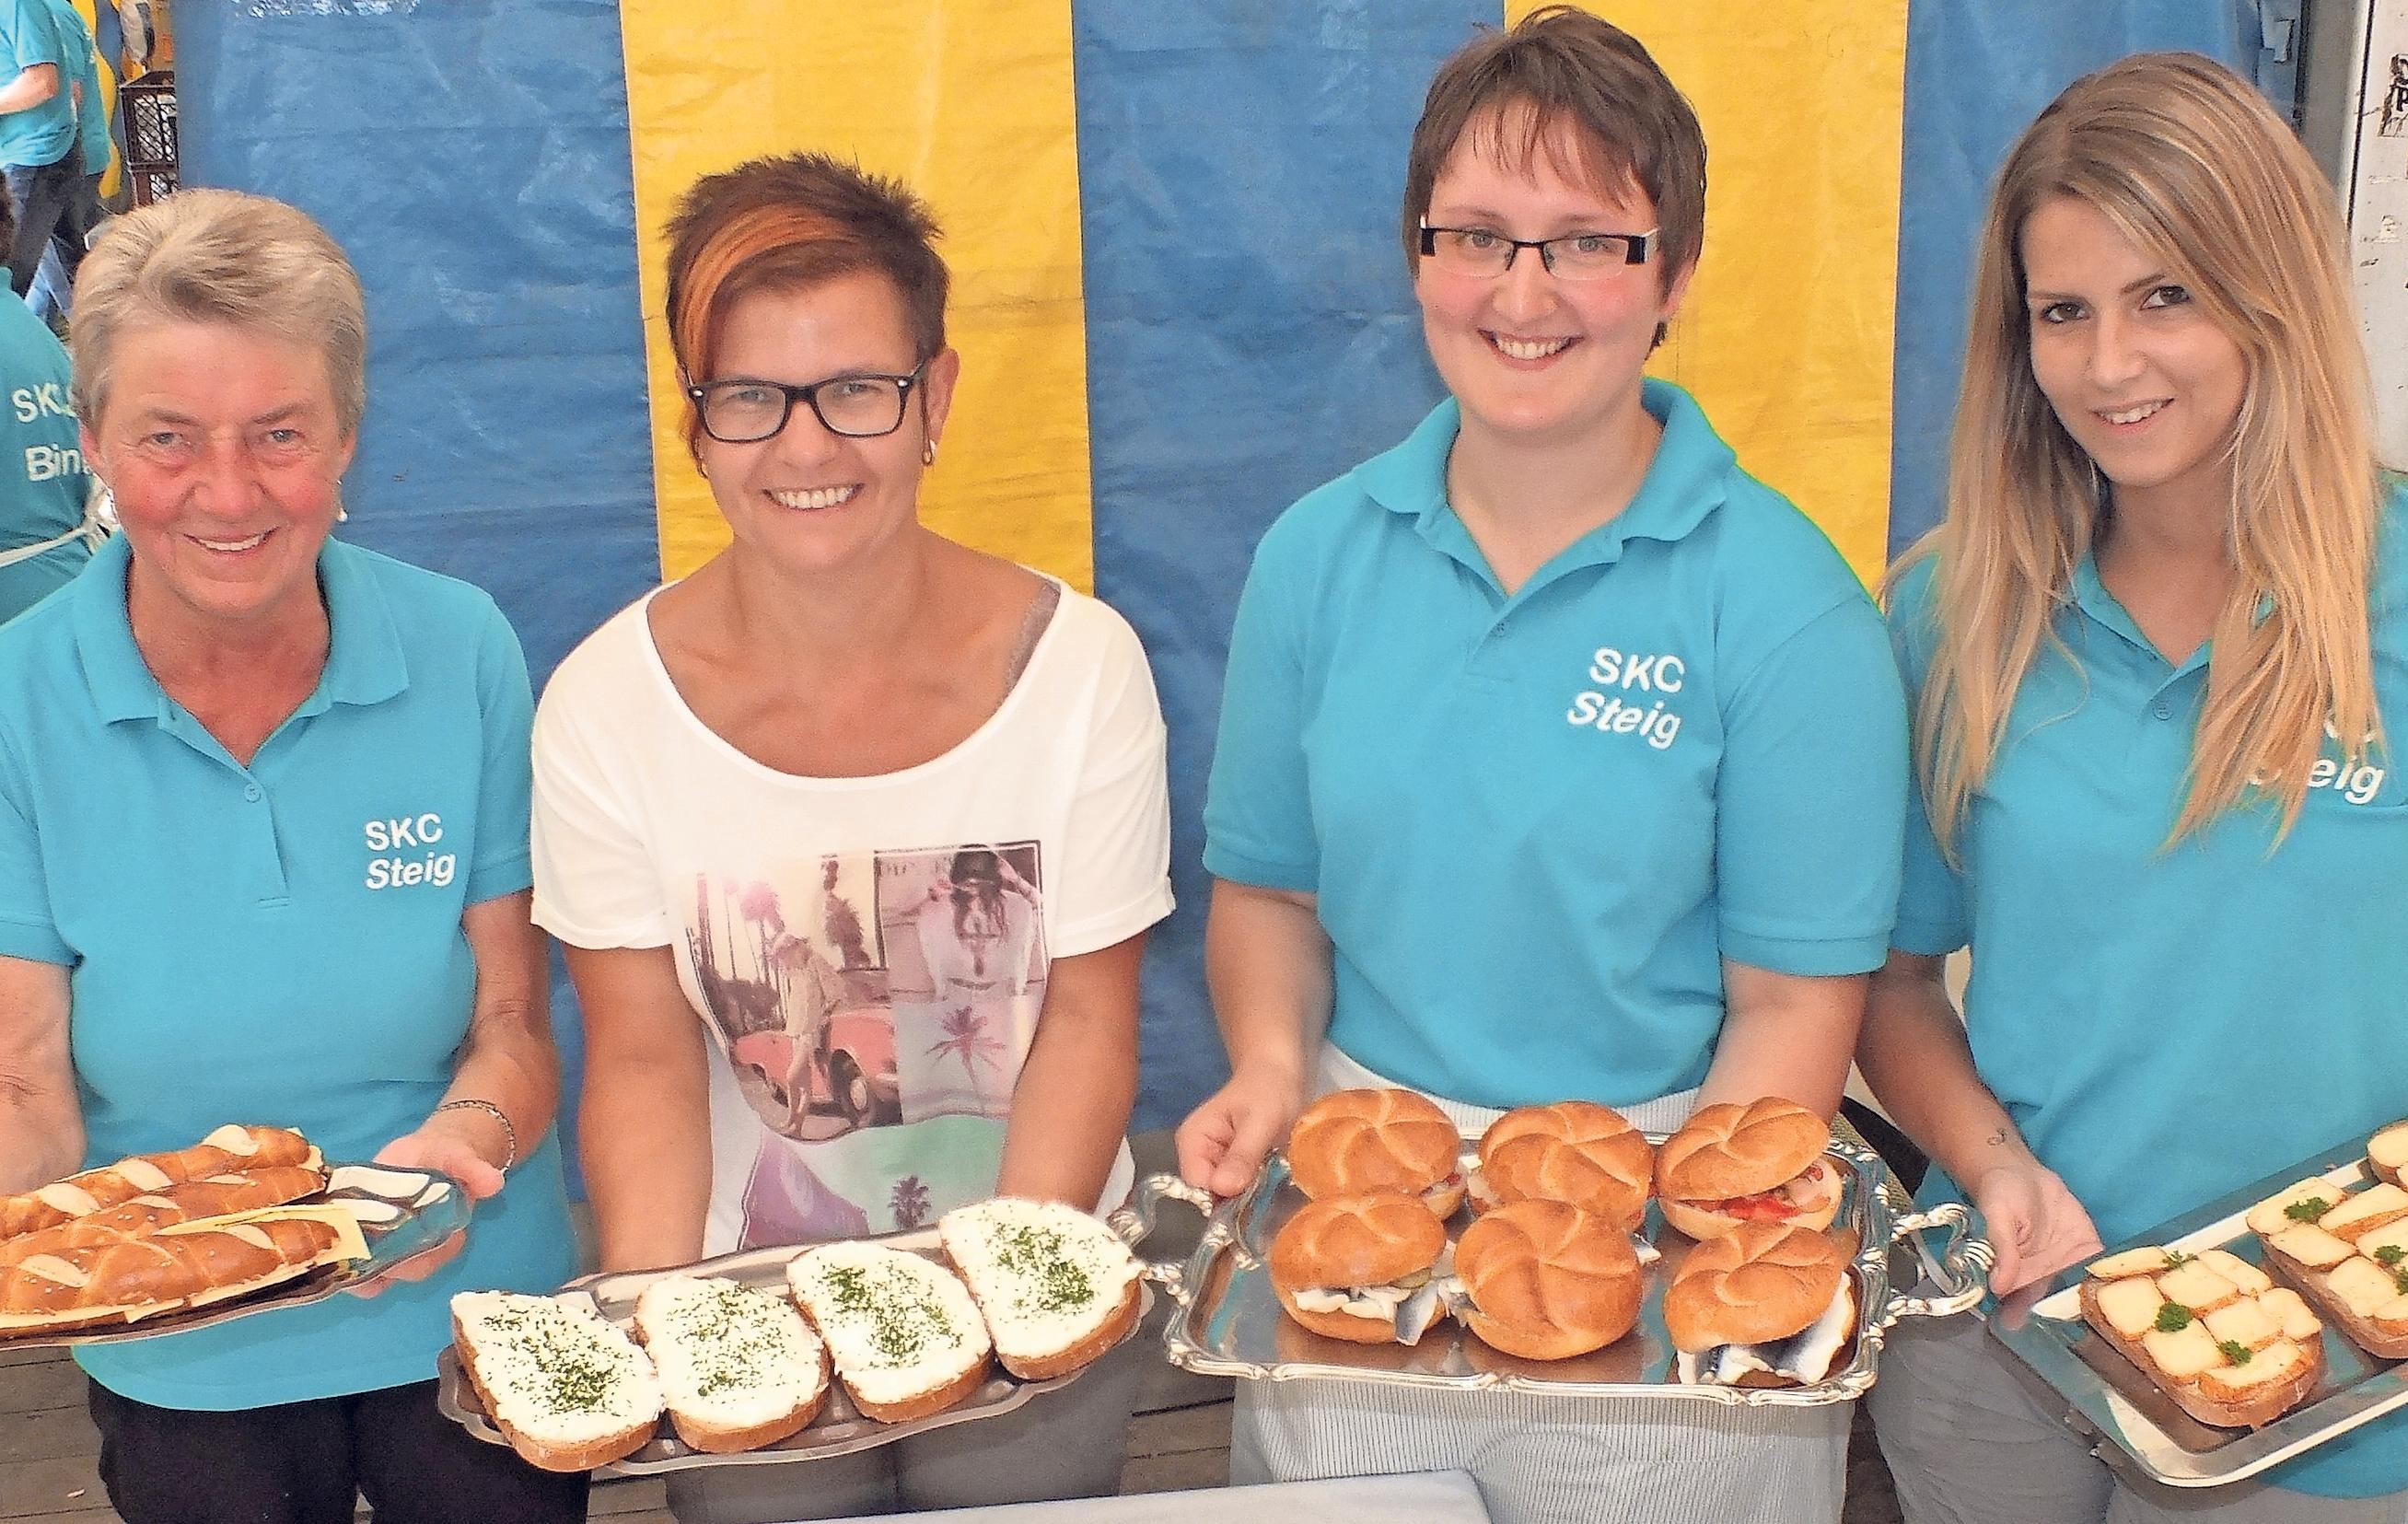 Käse, Quark und Fisch: Für leckere Brotzeiten sind die SKC-Damen zuständig.